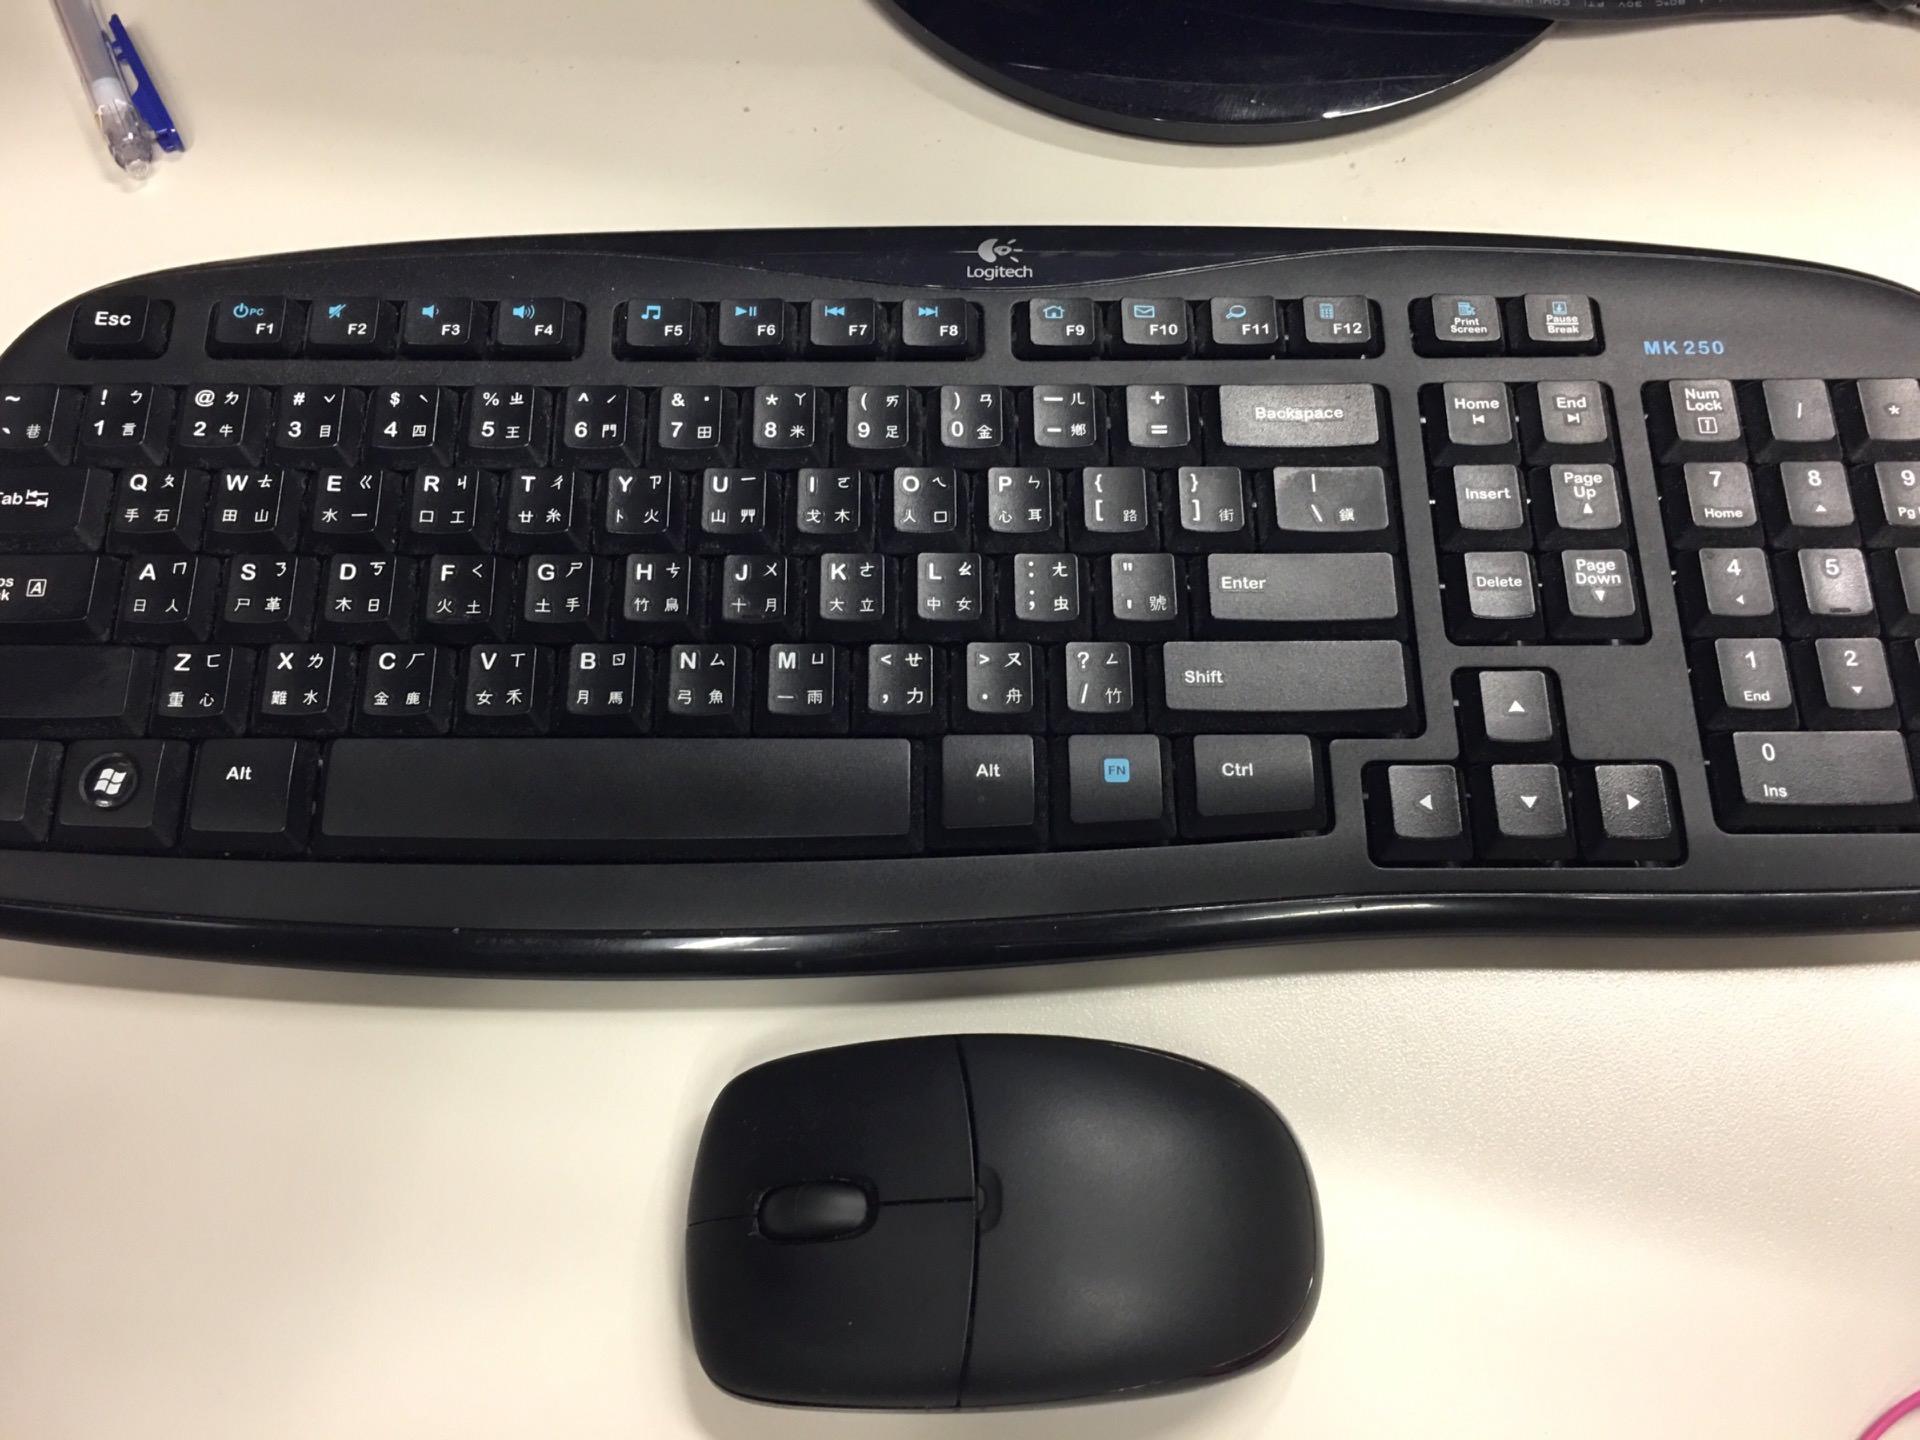 羅技(Logitech)無線滑鼠無法反白維修